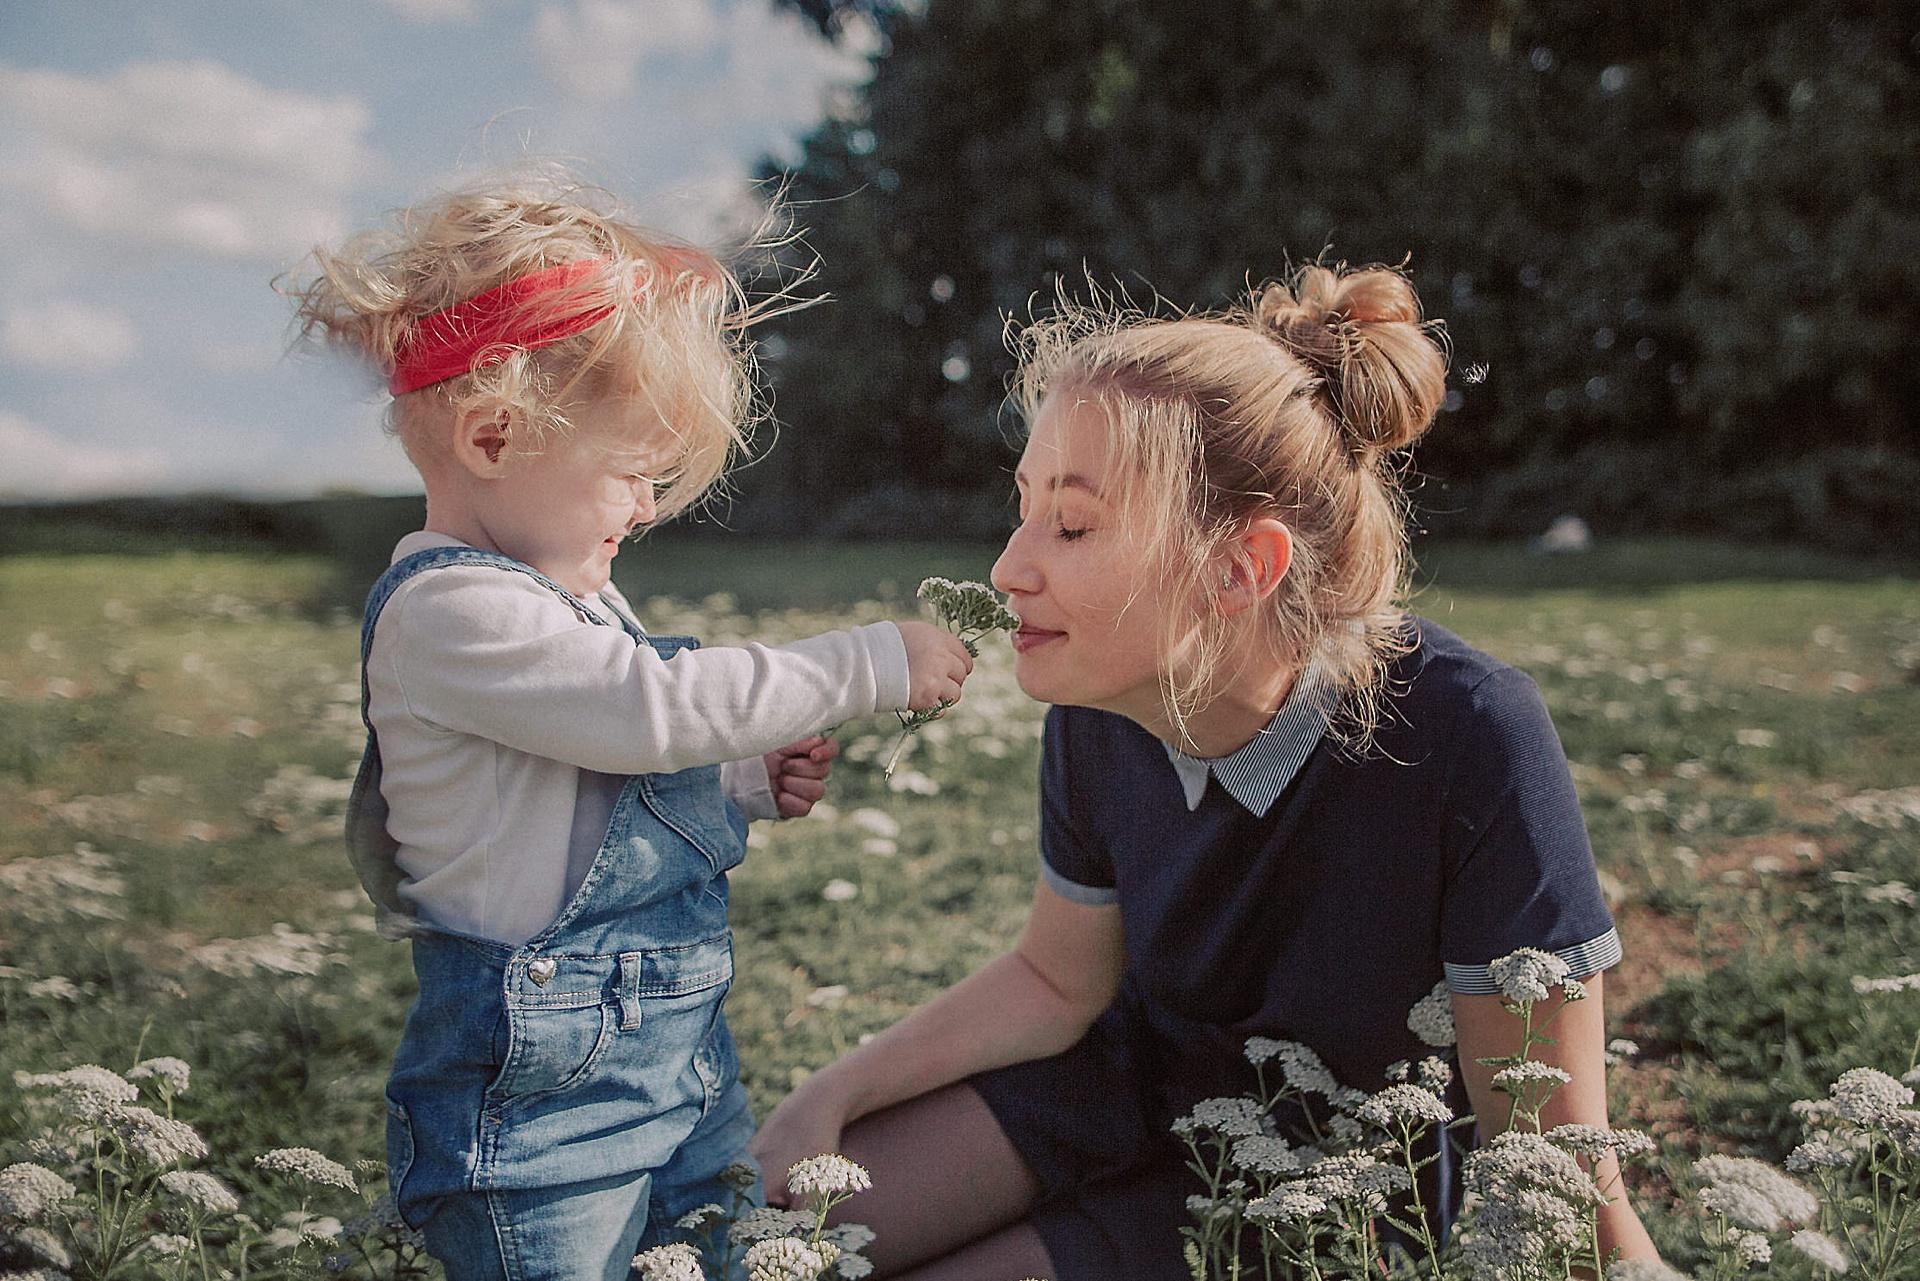 familienfotograf-familien-reportage-bremen-danielzube-familienfotografie_0015.jpg